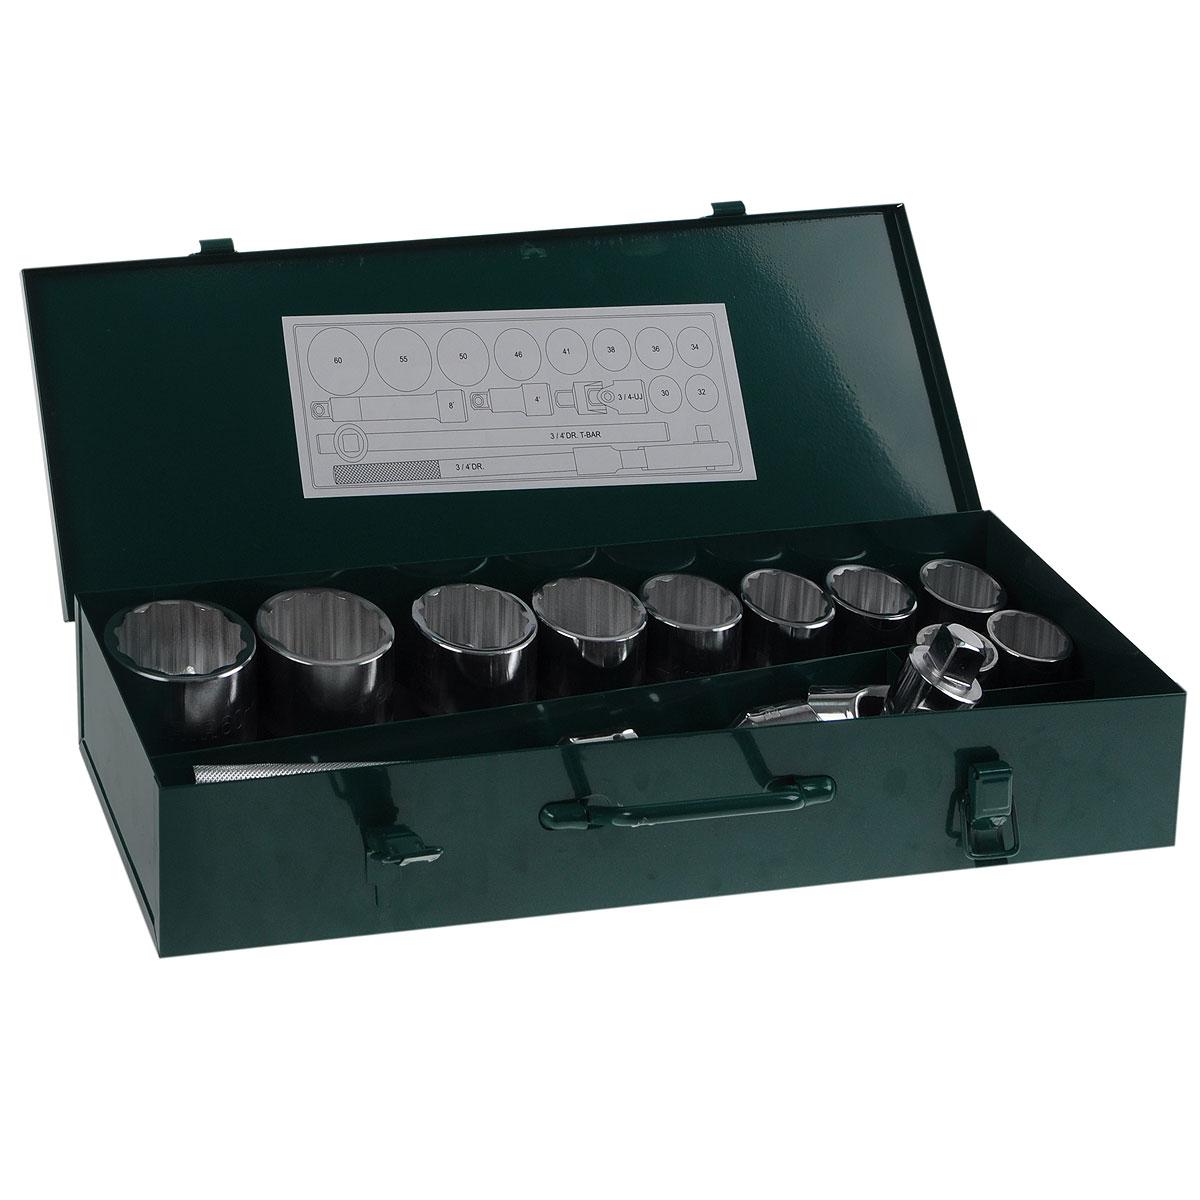 Набор торцевых головок SATA 15пр. 0901507155Набор инструментов Sata предназначен для монтажа/демонтажа резьбовых соединений. Все инструменты в наборе выполнены из высококачественной хромованадиевой стали. Металлический кейс для переноски и храненияСостав набора:Головки торцевые (12 граней): 30 мм, 32 мм, 34 мм, 36 мм, 38 мм, 41 мм, 46 мм, 50 мм, 55 мм, 60 мм.Быстросъемная храповая рукоятка 3/4.Вороток со скользящей перекладиной 3/4.Удлинители длиной 4 дюйма и 8 дюймовКарданный шарнир.